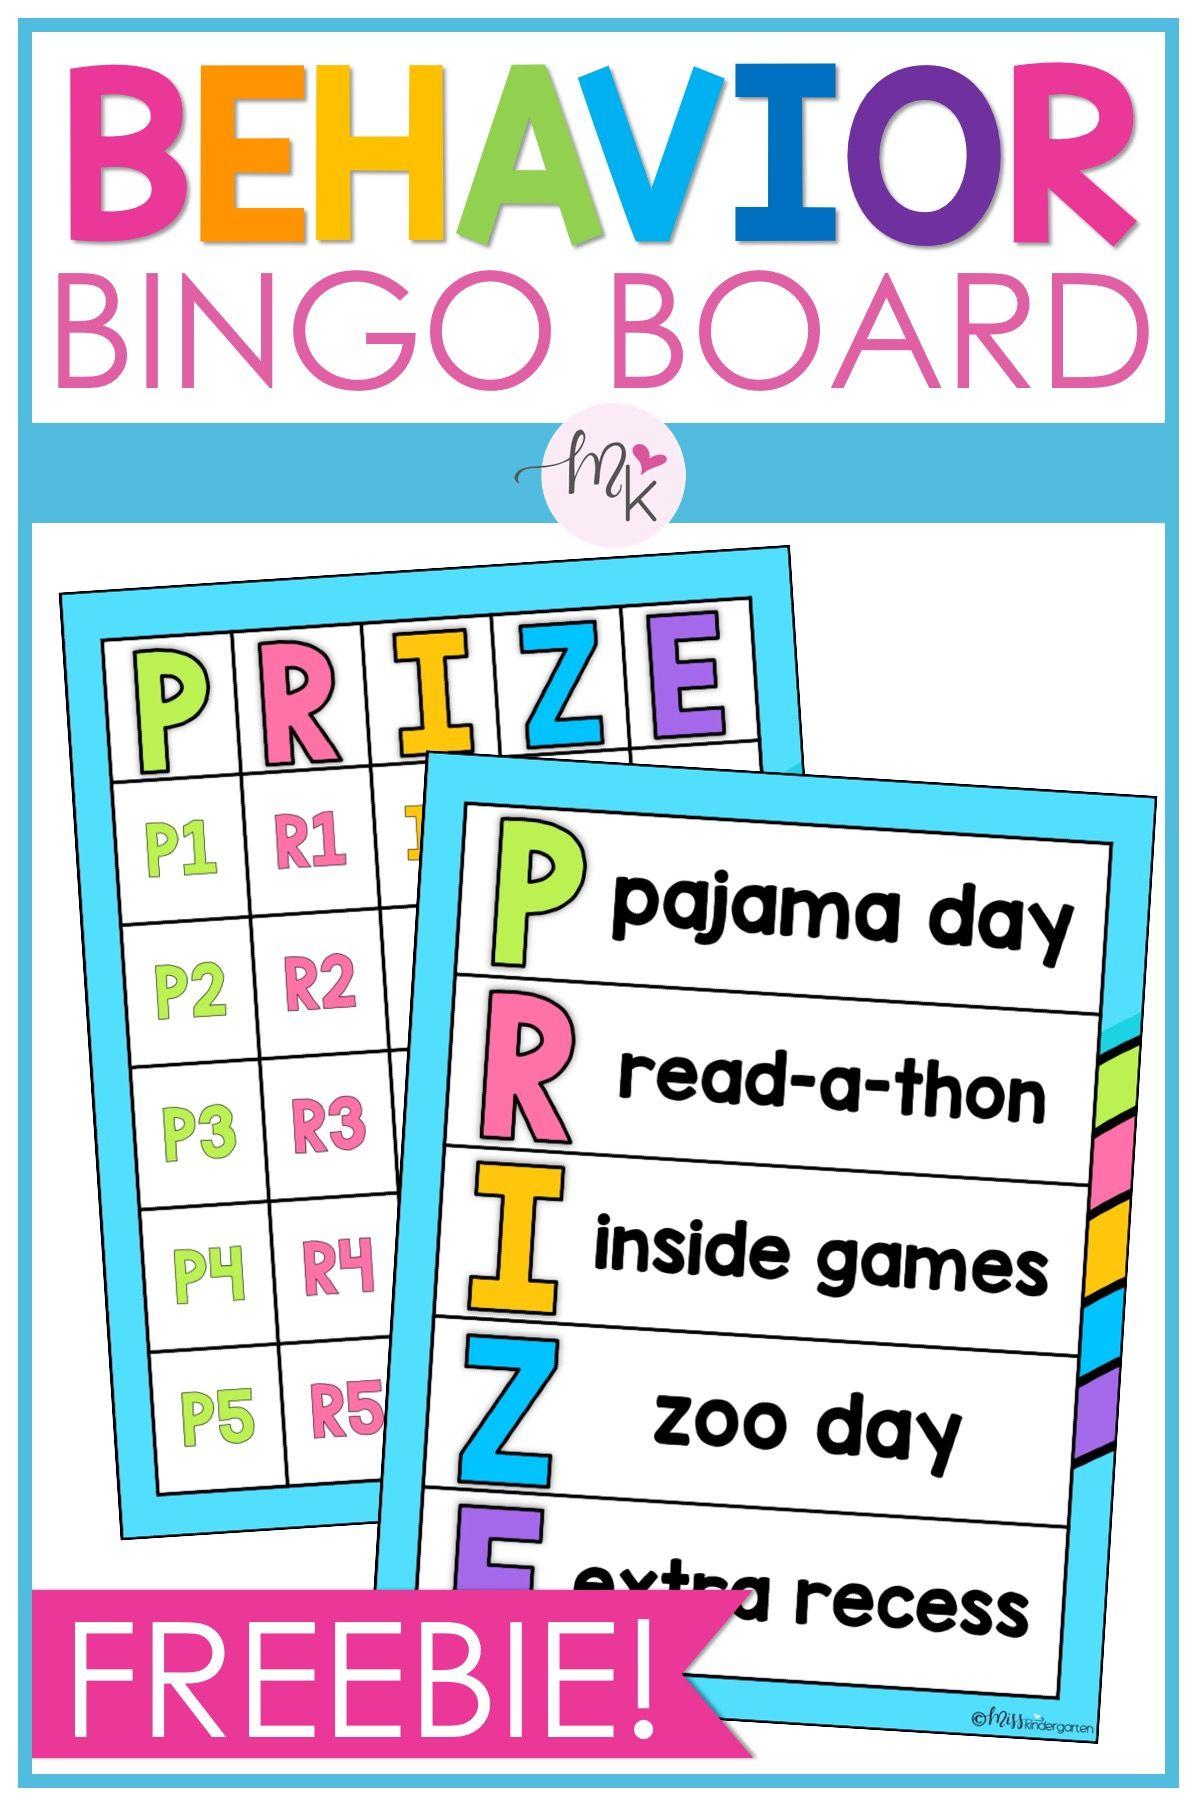 Free Behavior Bingo Board In